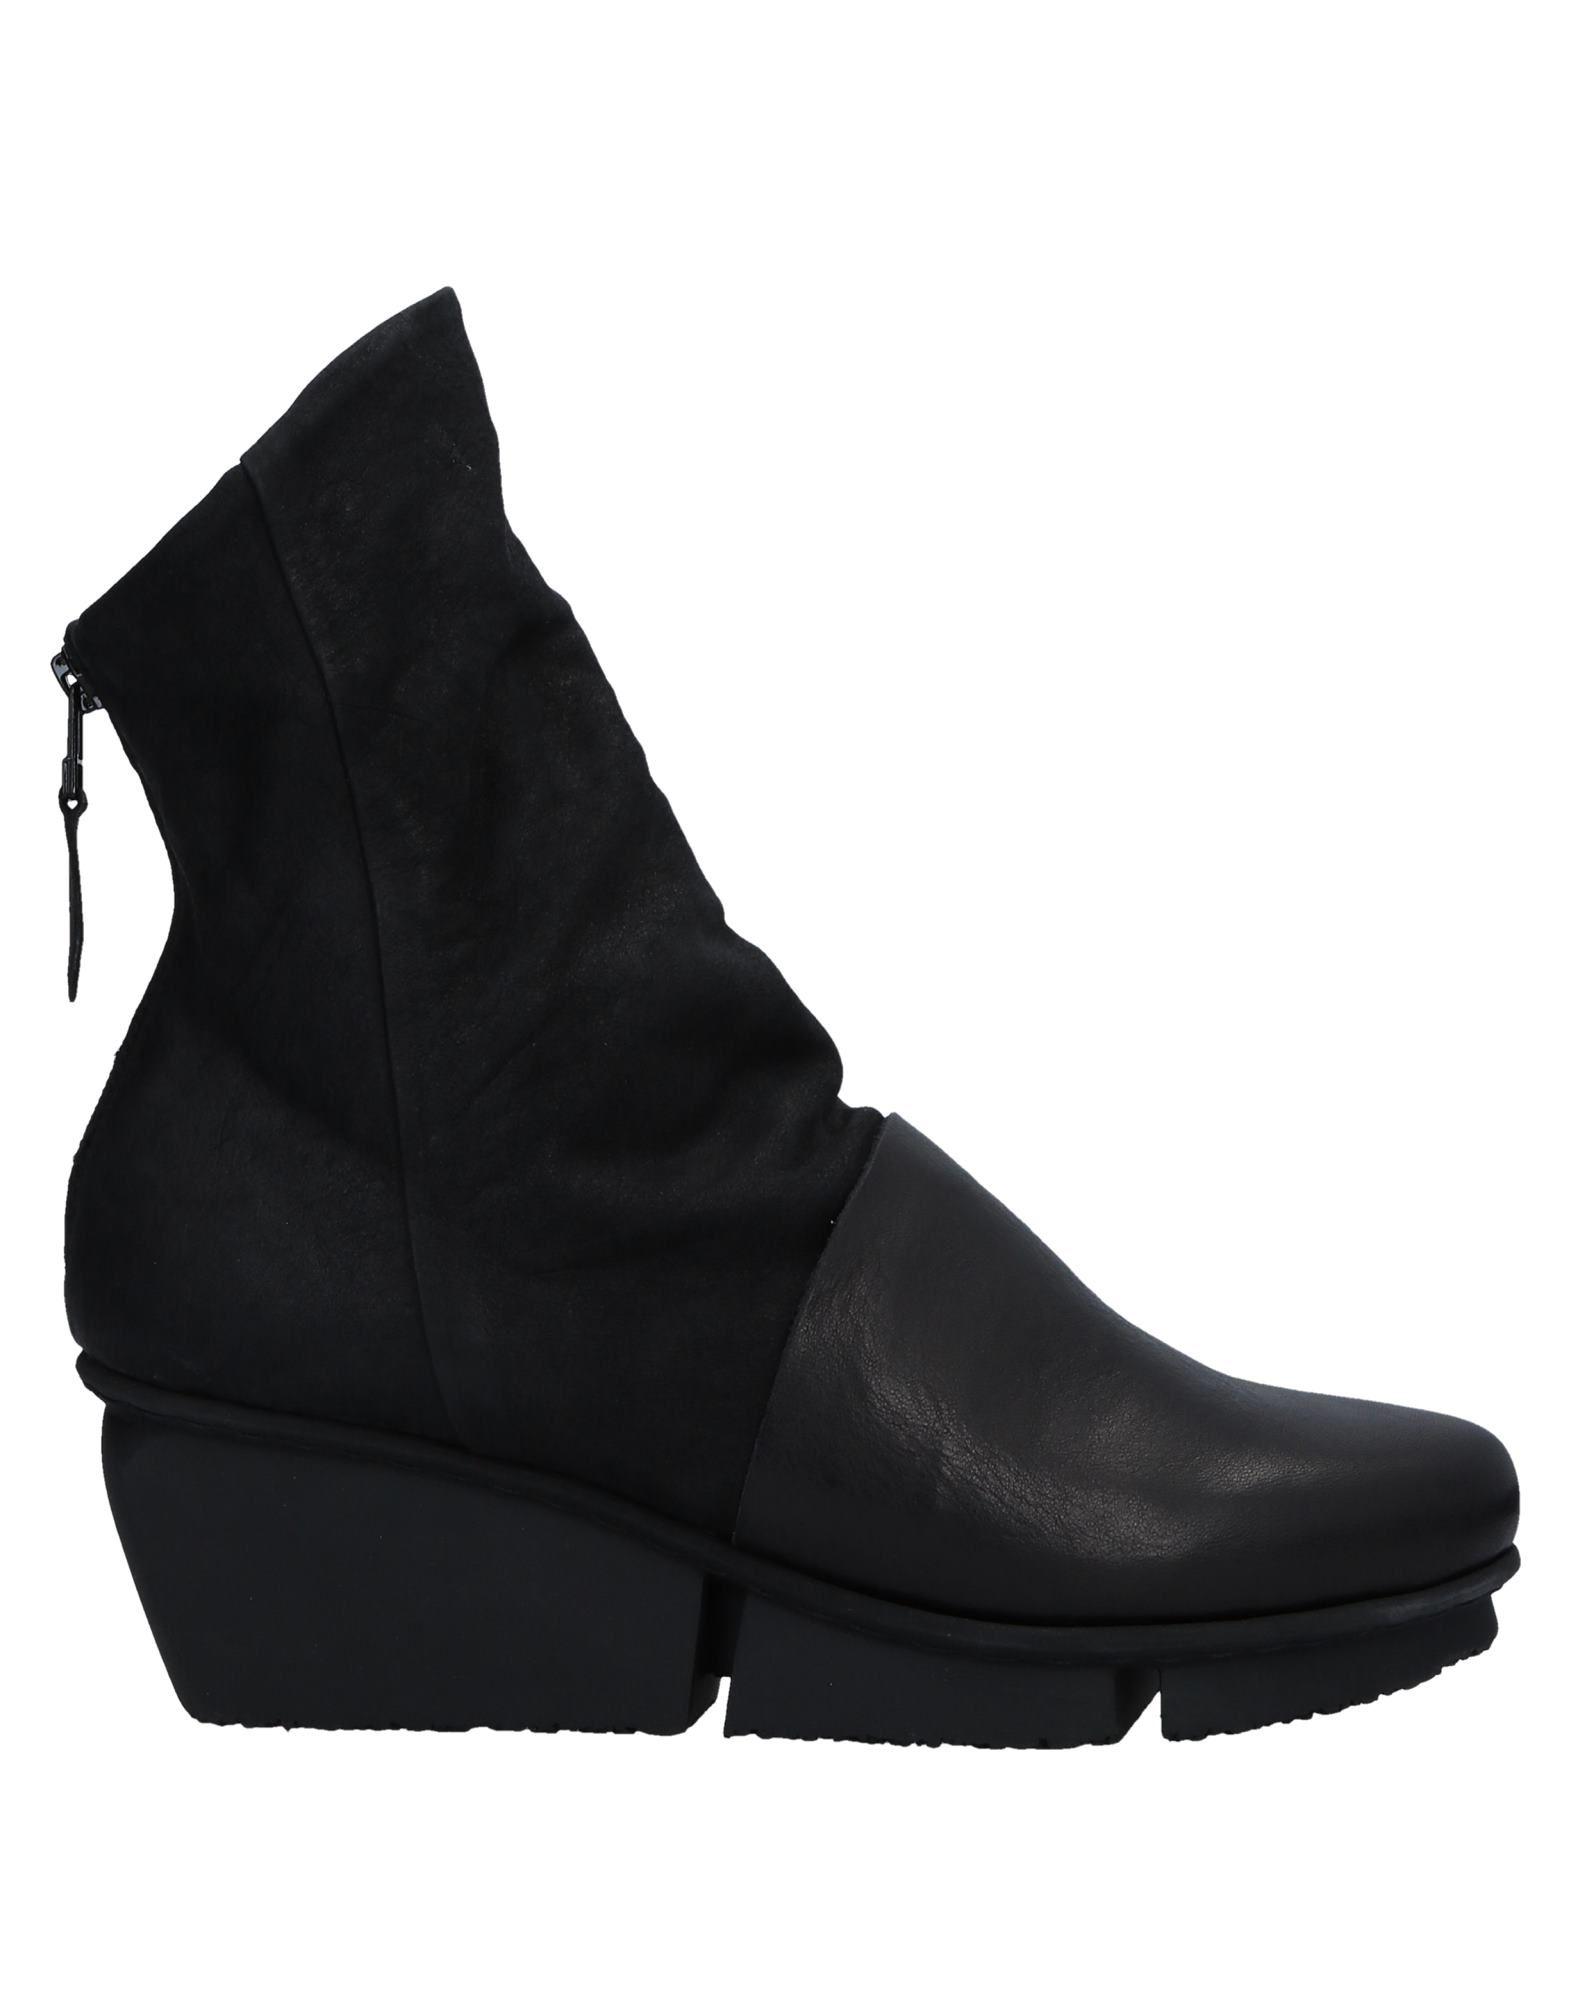 Stilvolle billige Schuhe 11513965SQ Trippen Stiefelette Damen  11513965SQ Schuhe 46e3a7